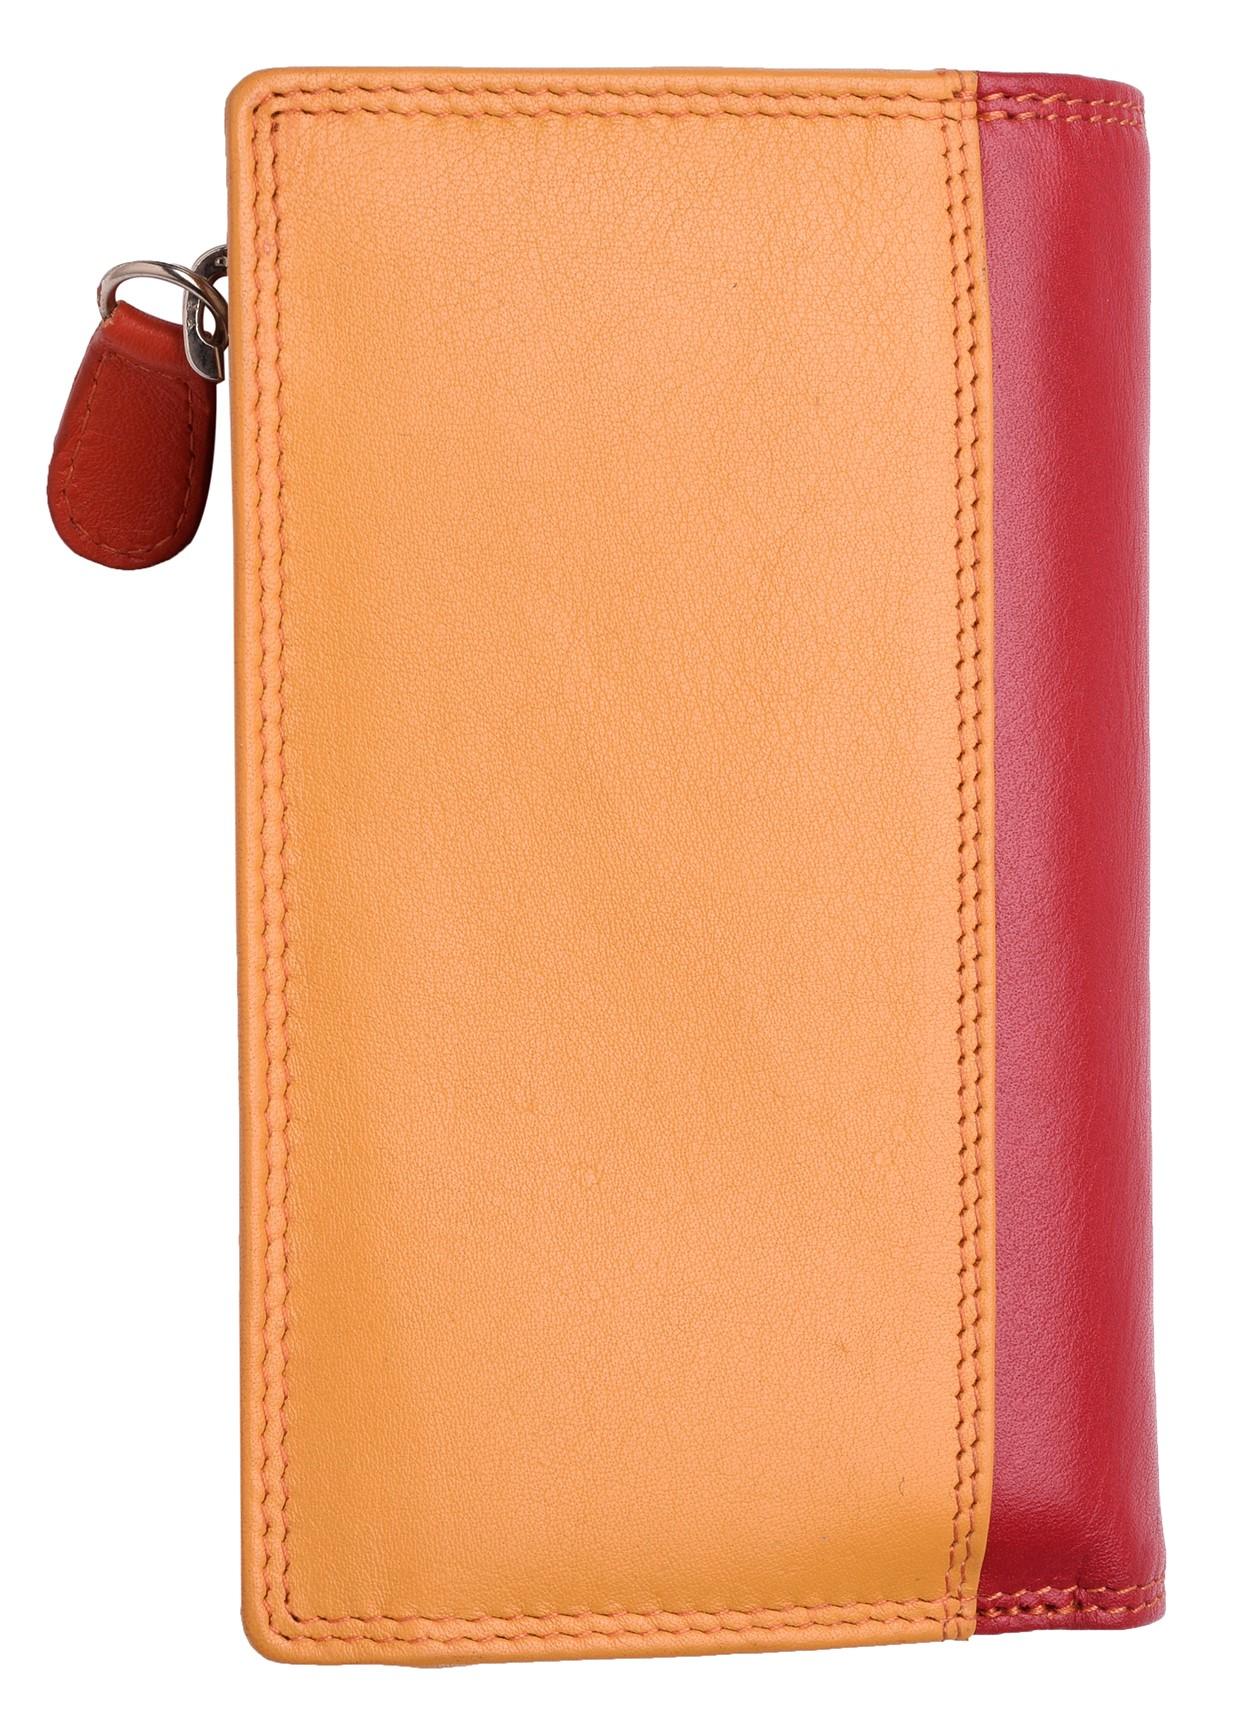 Femme-Veritable-Multi-Couleur-RFID-Blocage-De-Haute-Qualite-Sac-a-Main-Portefeuille miniature 4